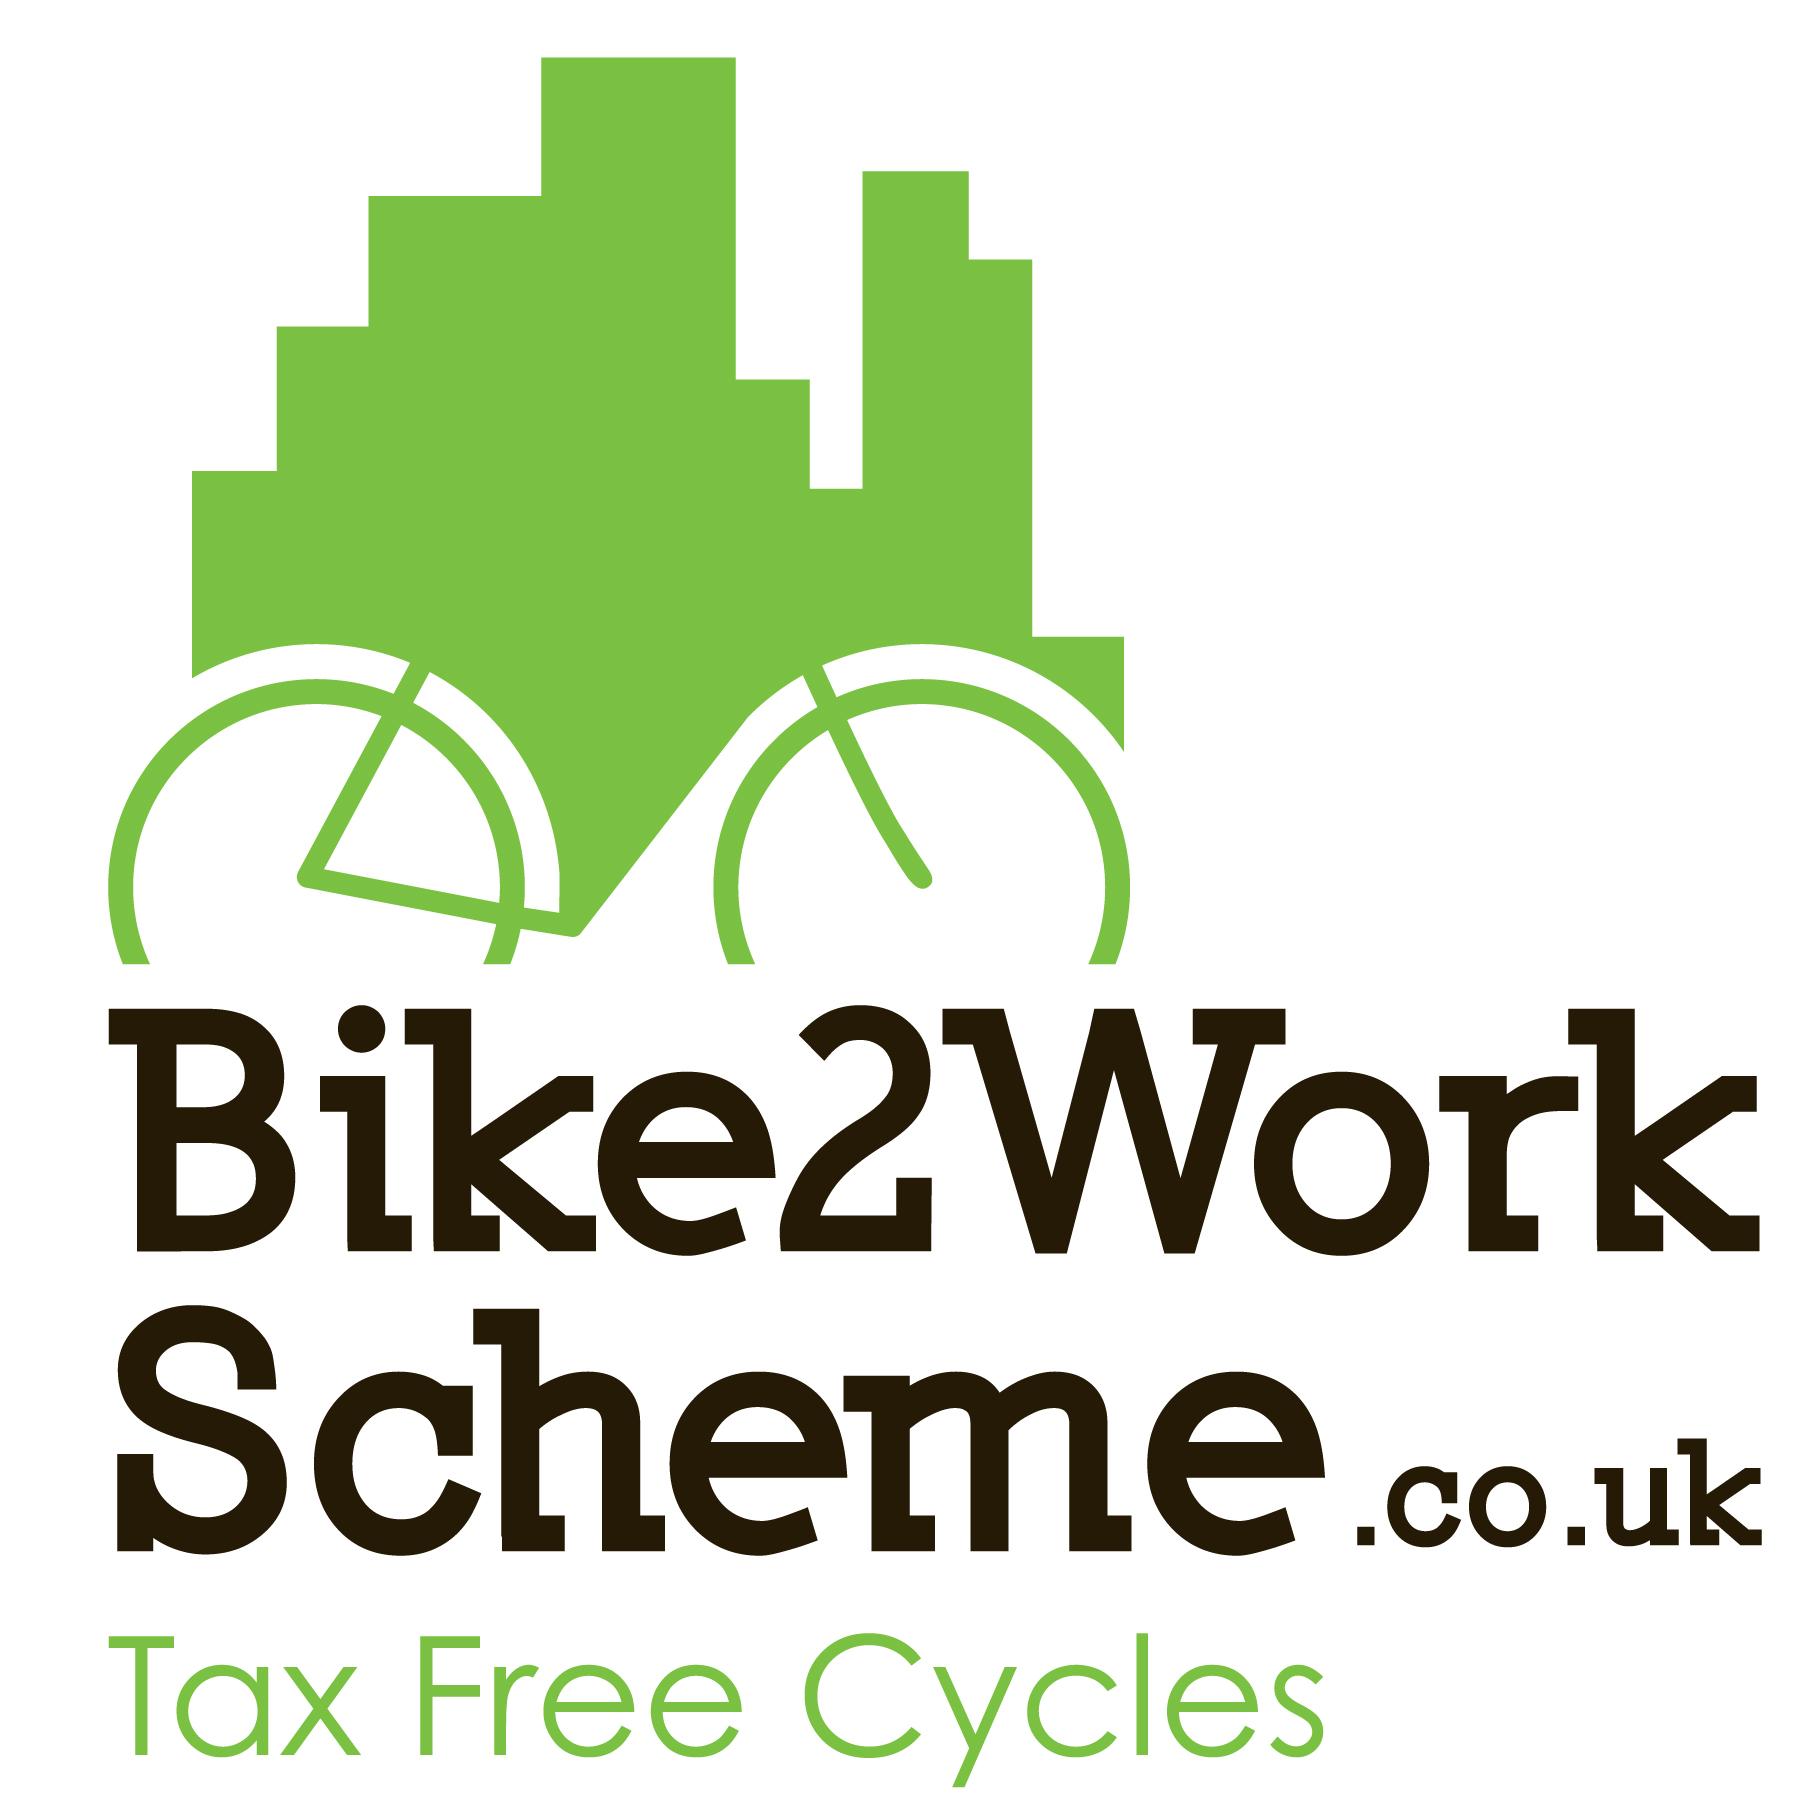 Cycle to work scheme sunderland | darke cycles.